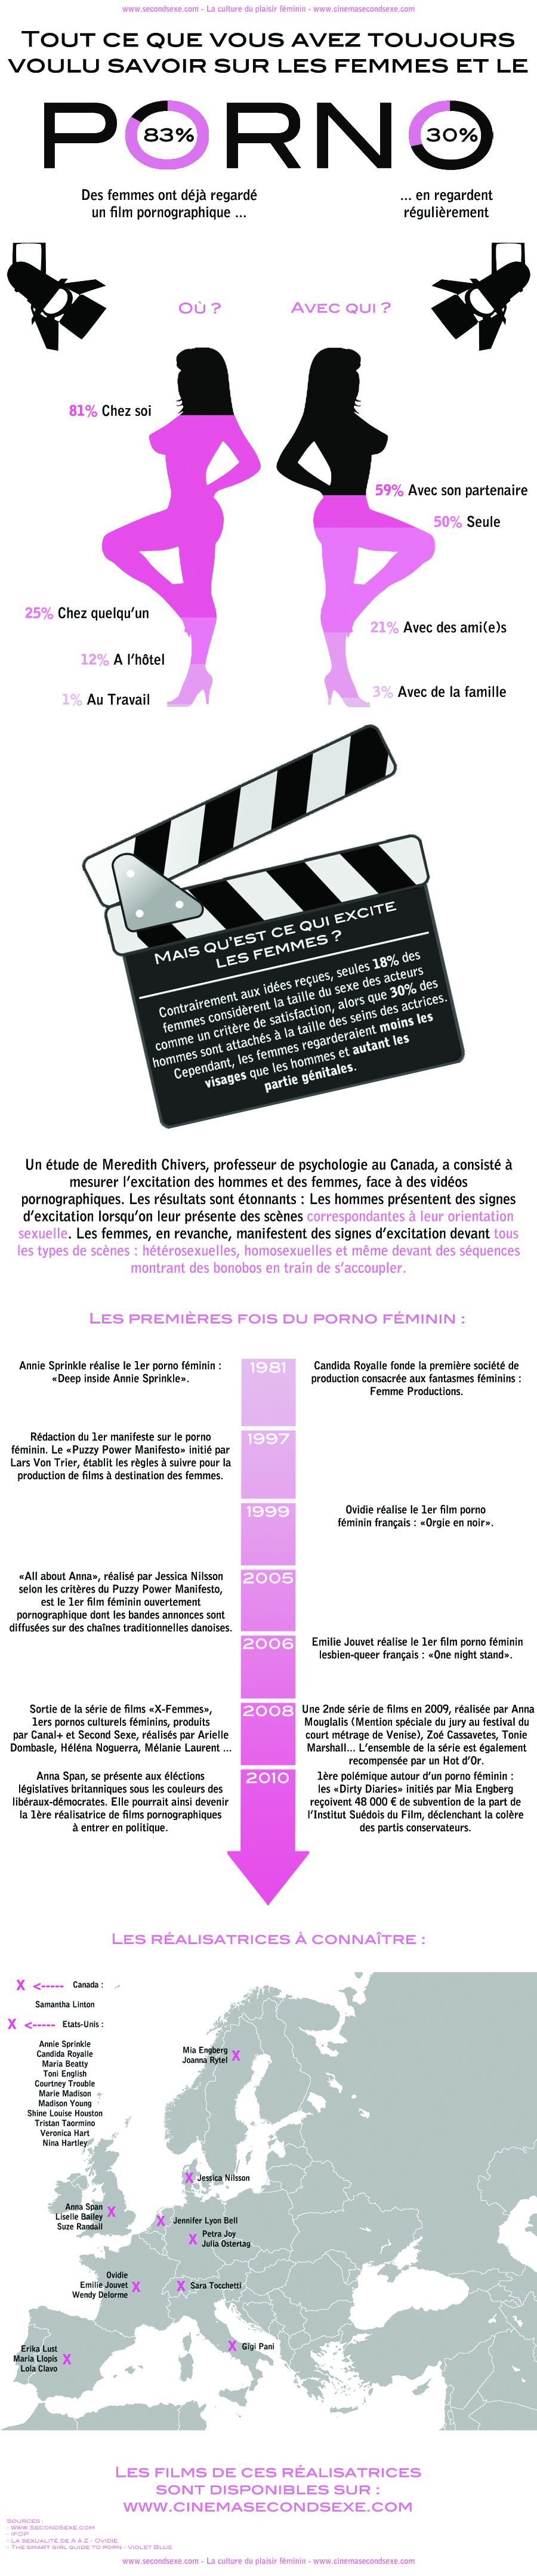 Infographie : Les femmes et la pornographie